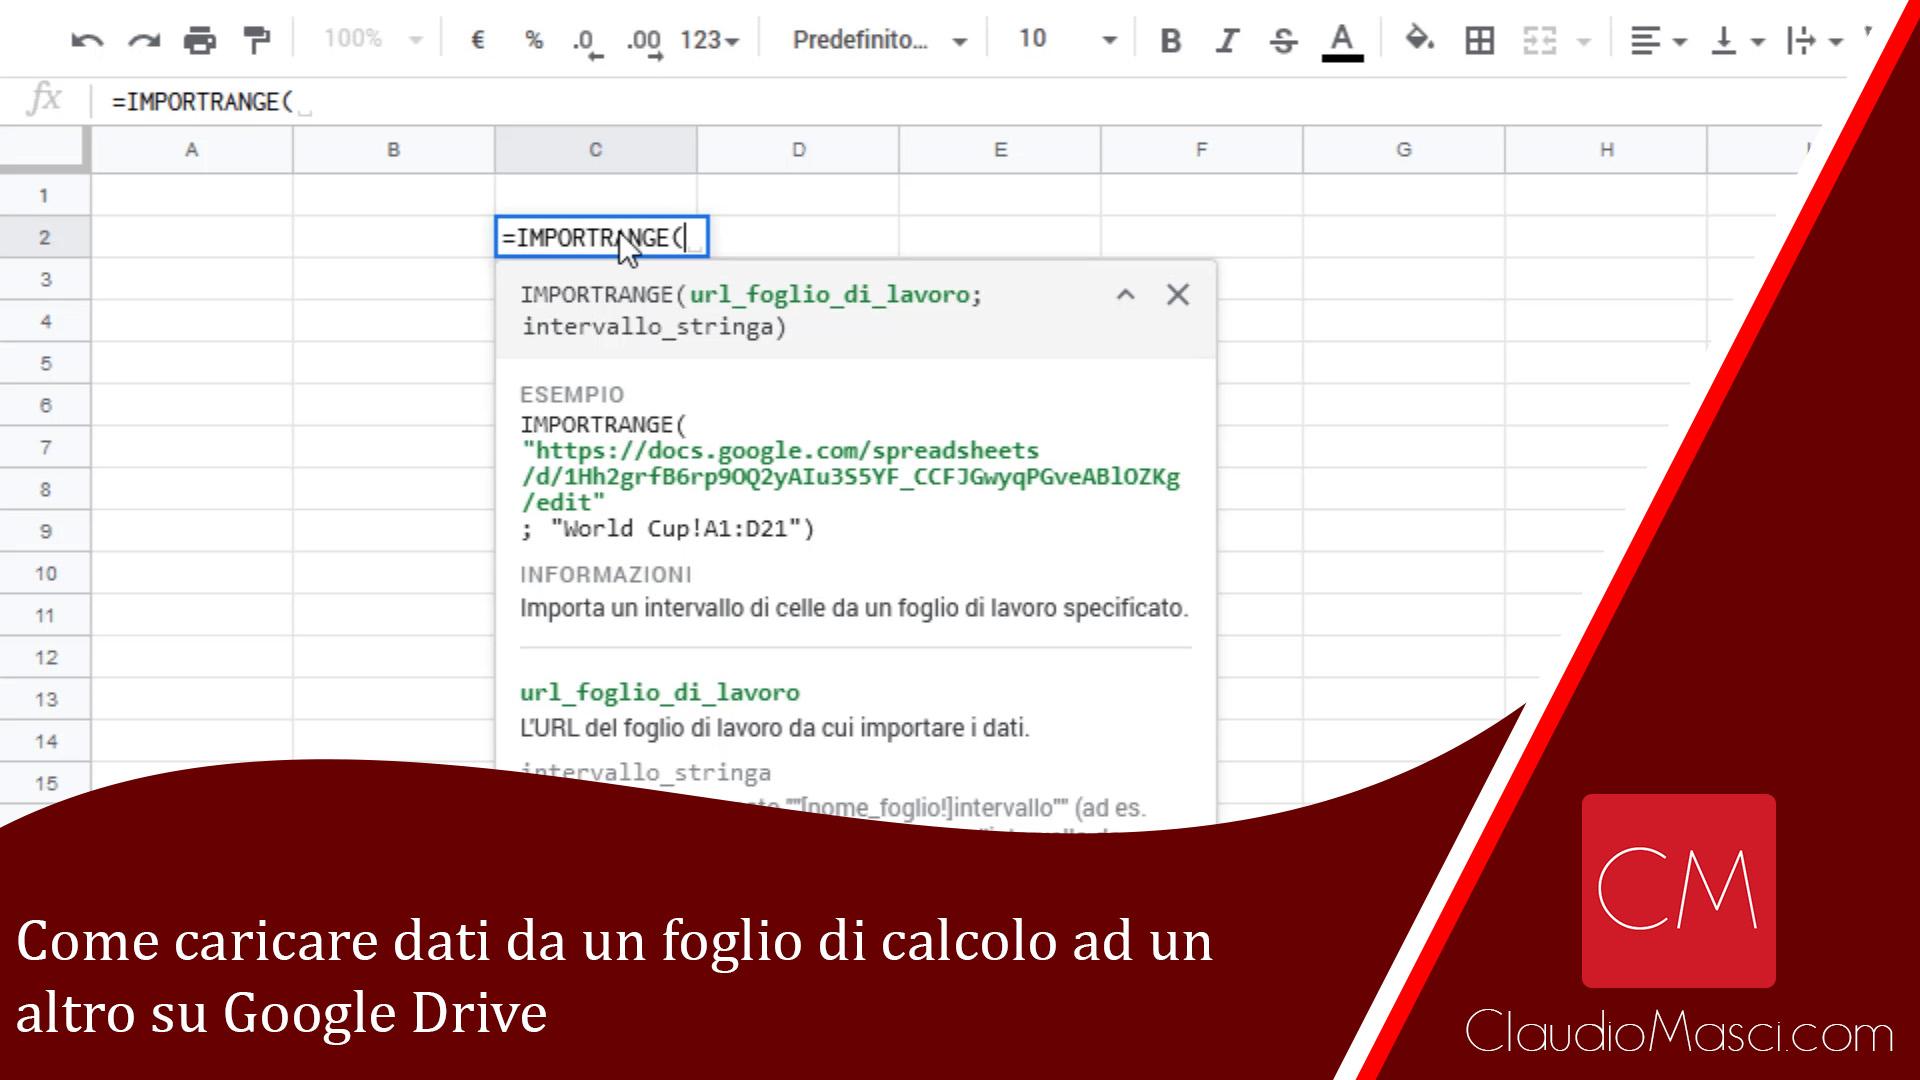 Come caricare dati da un foglio di calcolo ad un altro su Google Drive